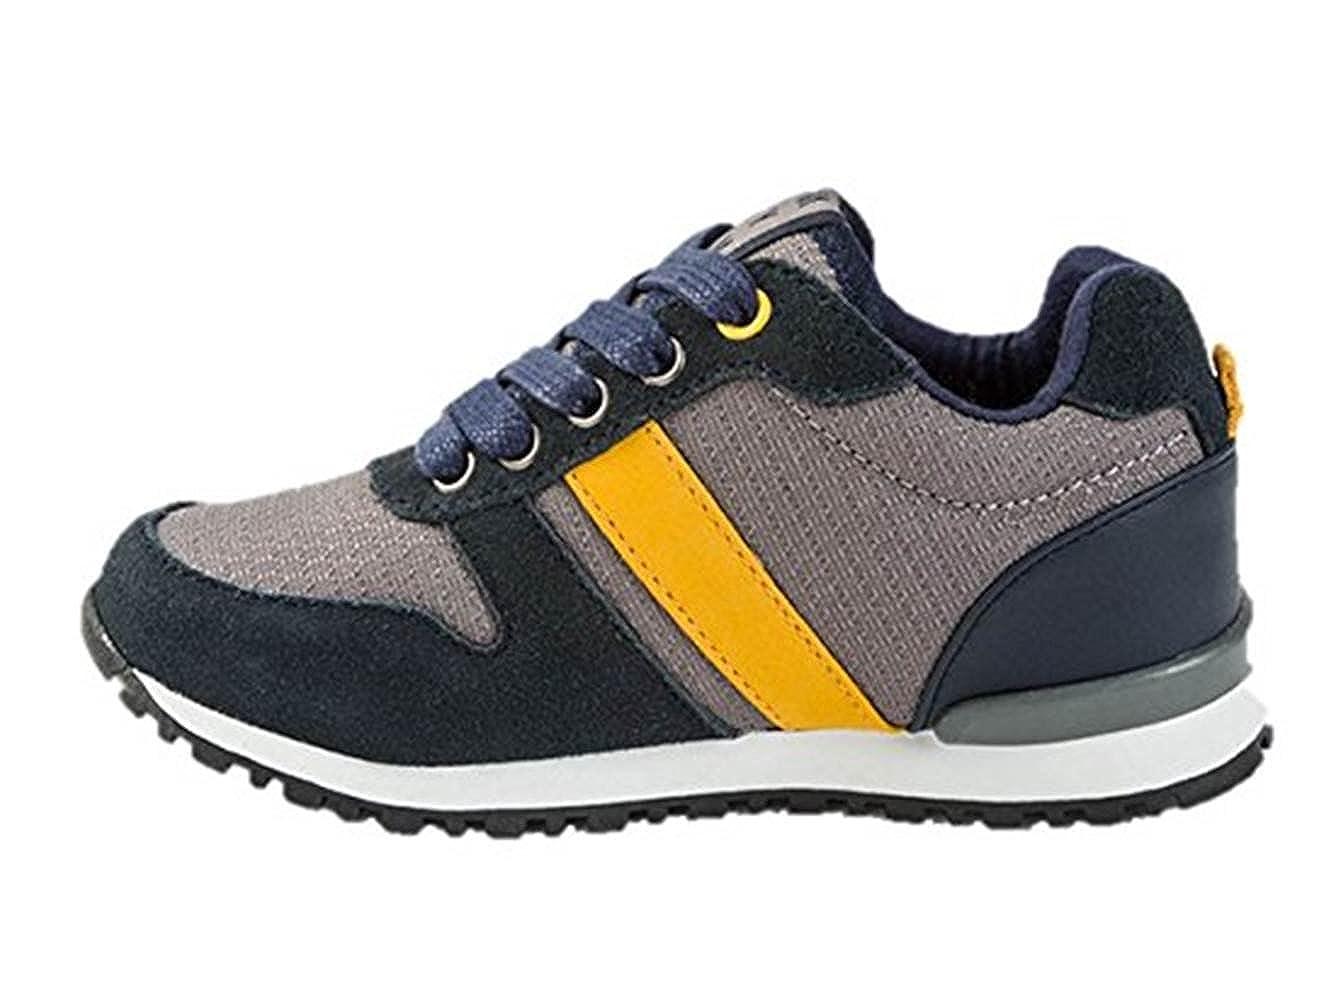 9094a294ffbb4 Mayoral 44805 -Tenis Running Combinado Niño Cordones Azul (37)  Amazon.es   Zapatos y complementos